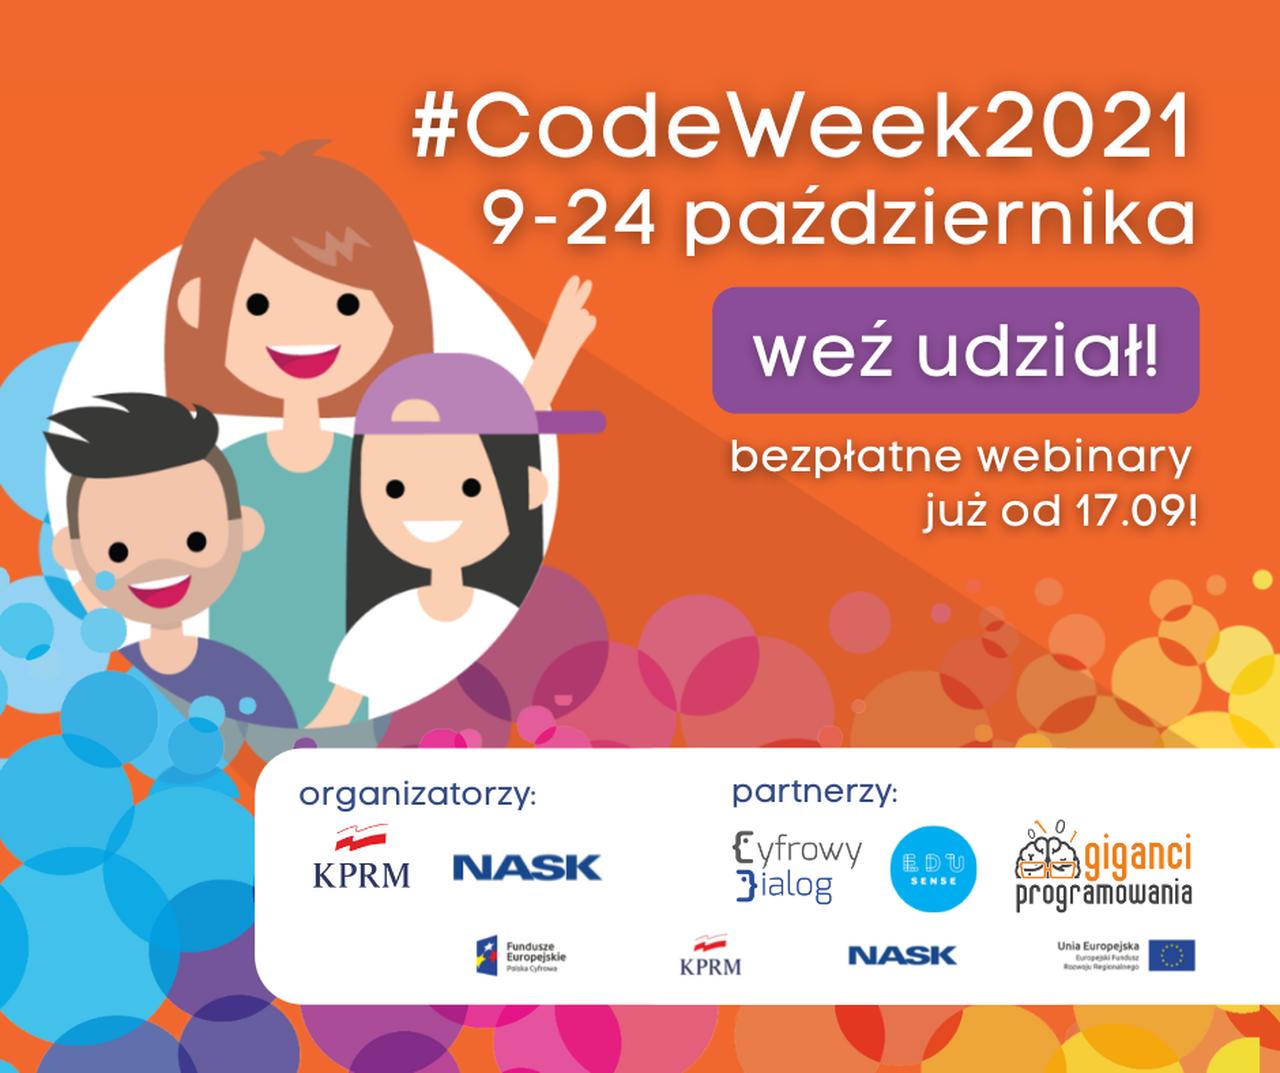 Ilustracja przedstawiająca okładkę aktualności Dołącz do #CodeWeek2021 wdniach 9-24 października